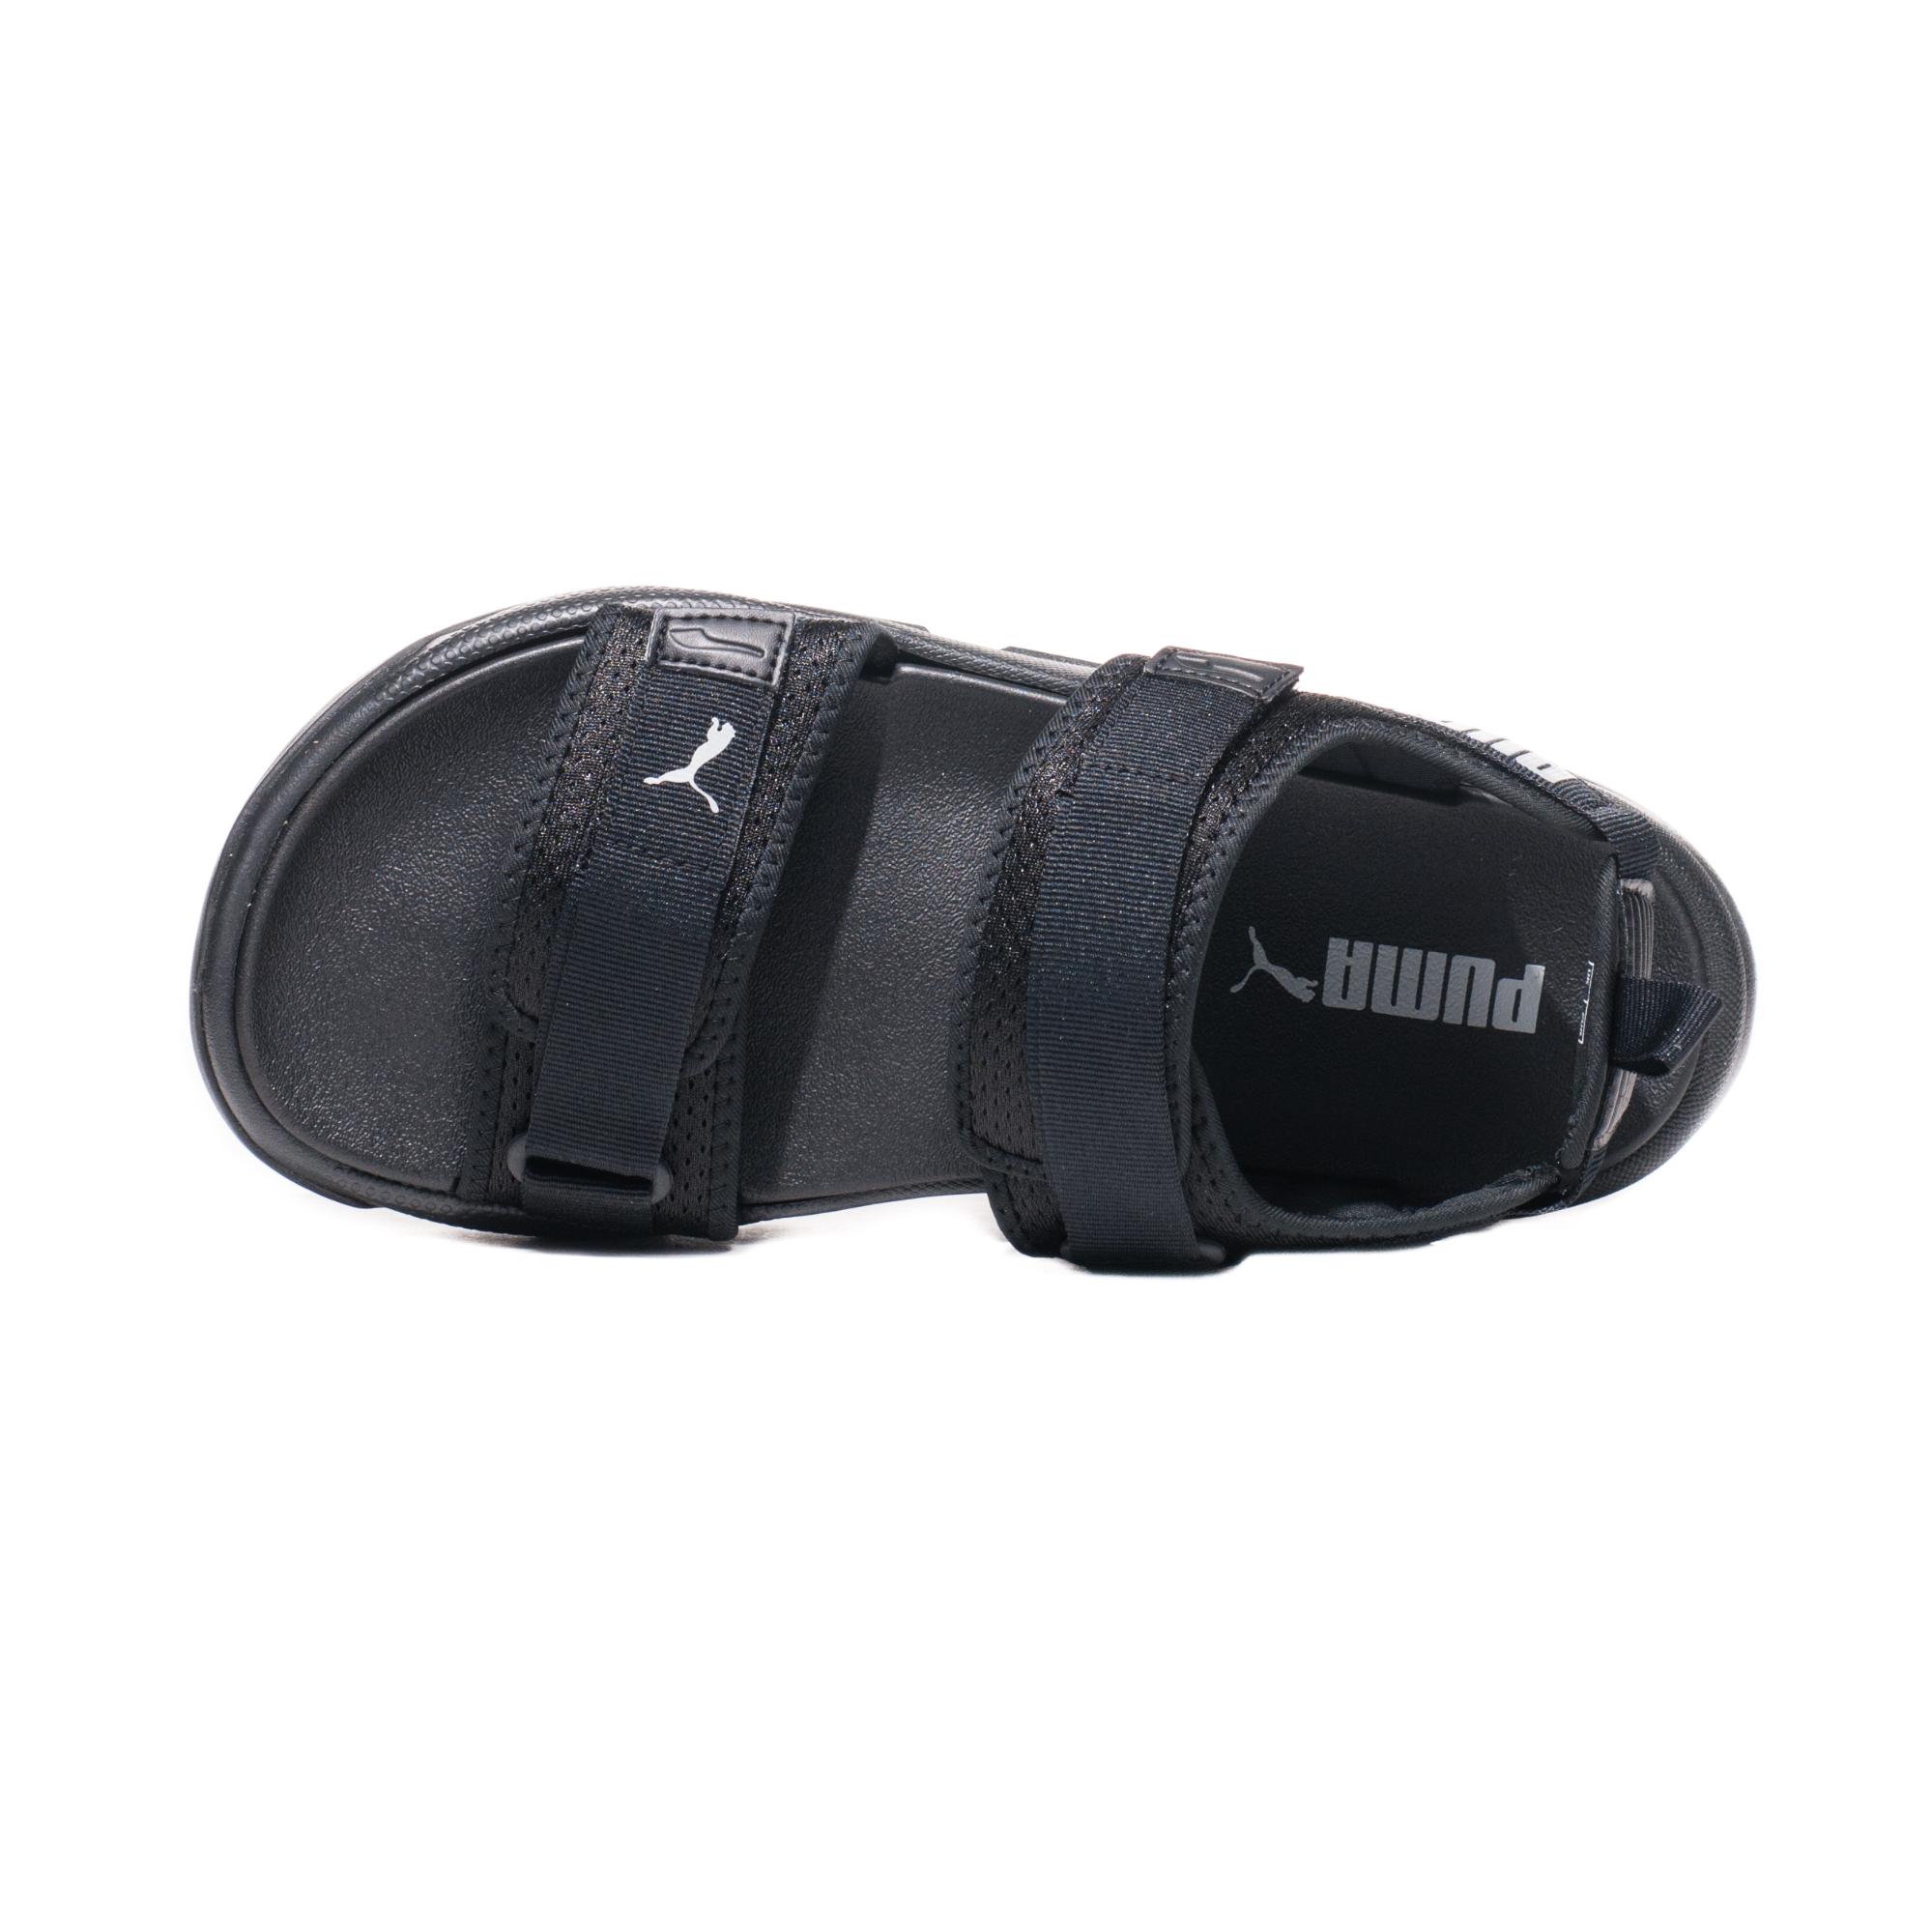 Сандалі чоловічі Puma RS SANDALS